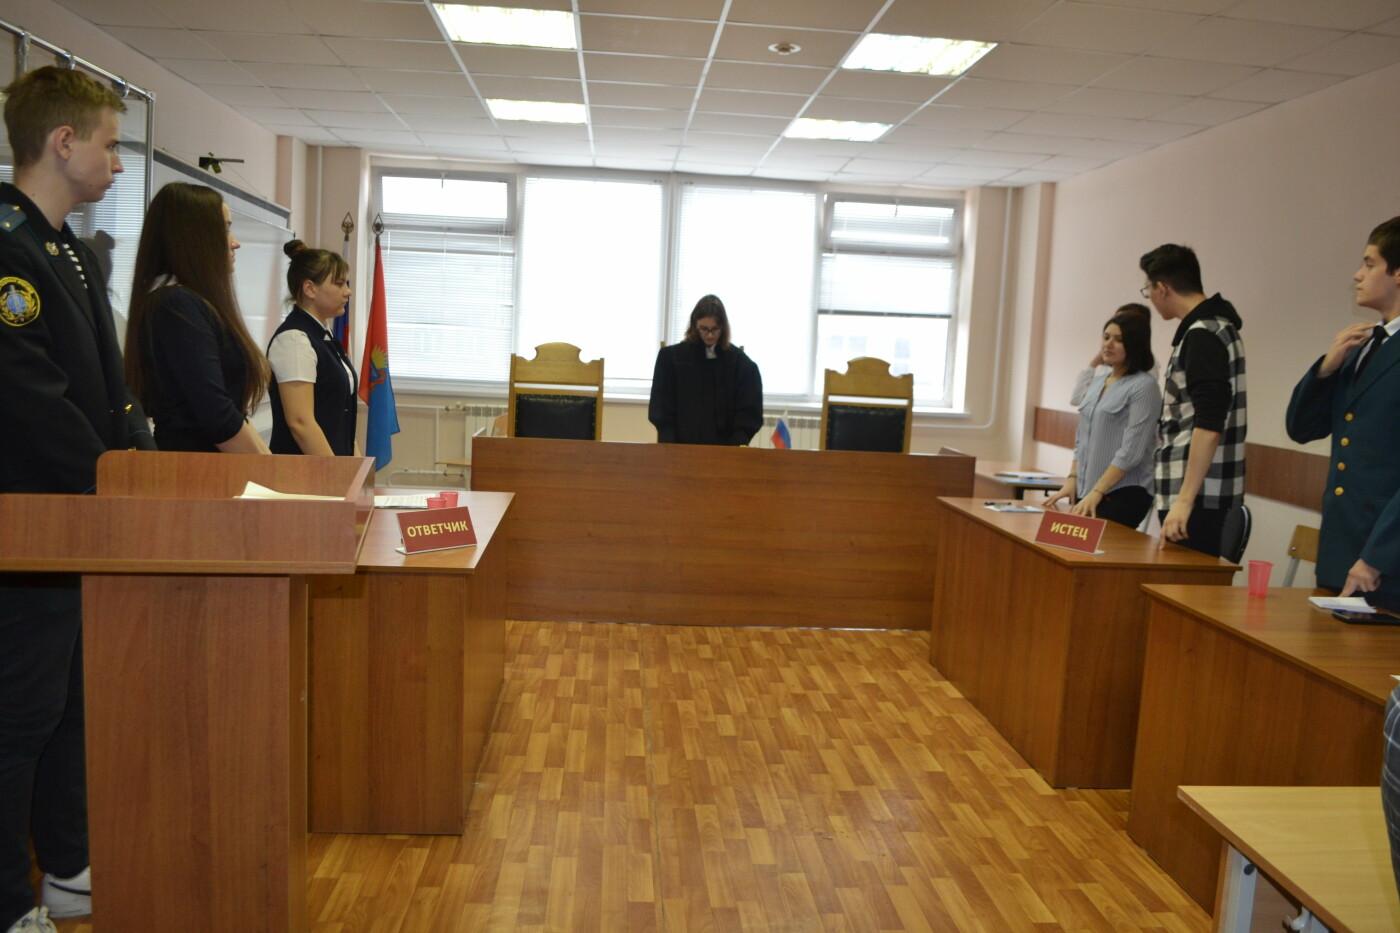 В Тамбовском филиале РАНХиГС провели деловую игру «Судебное заседание по гражданскому делу в суде общей юрисдикции», фото-3